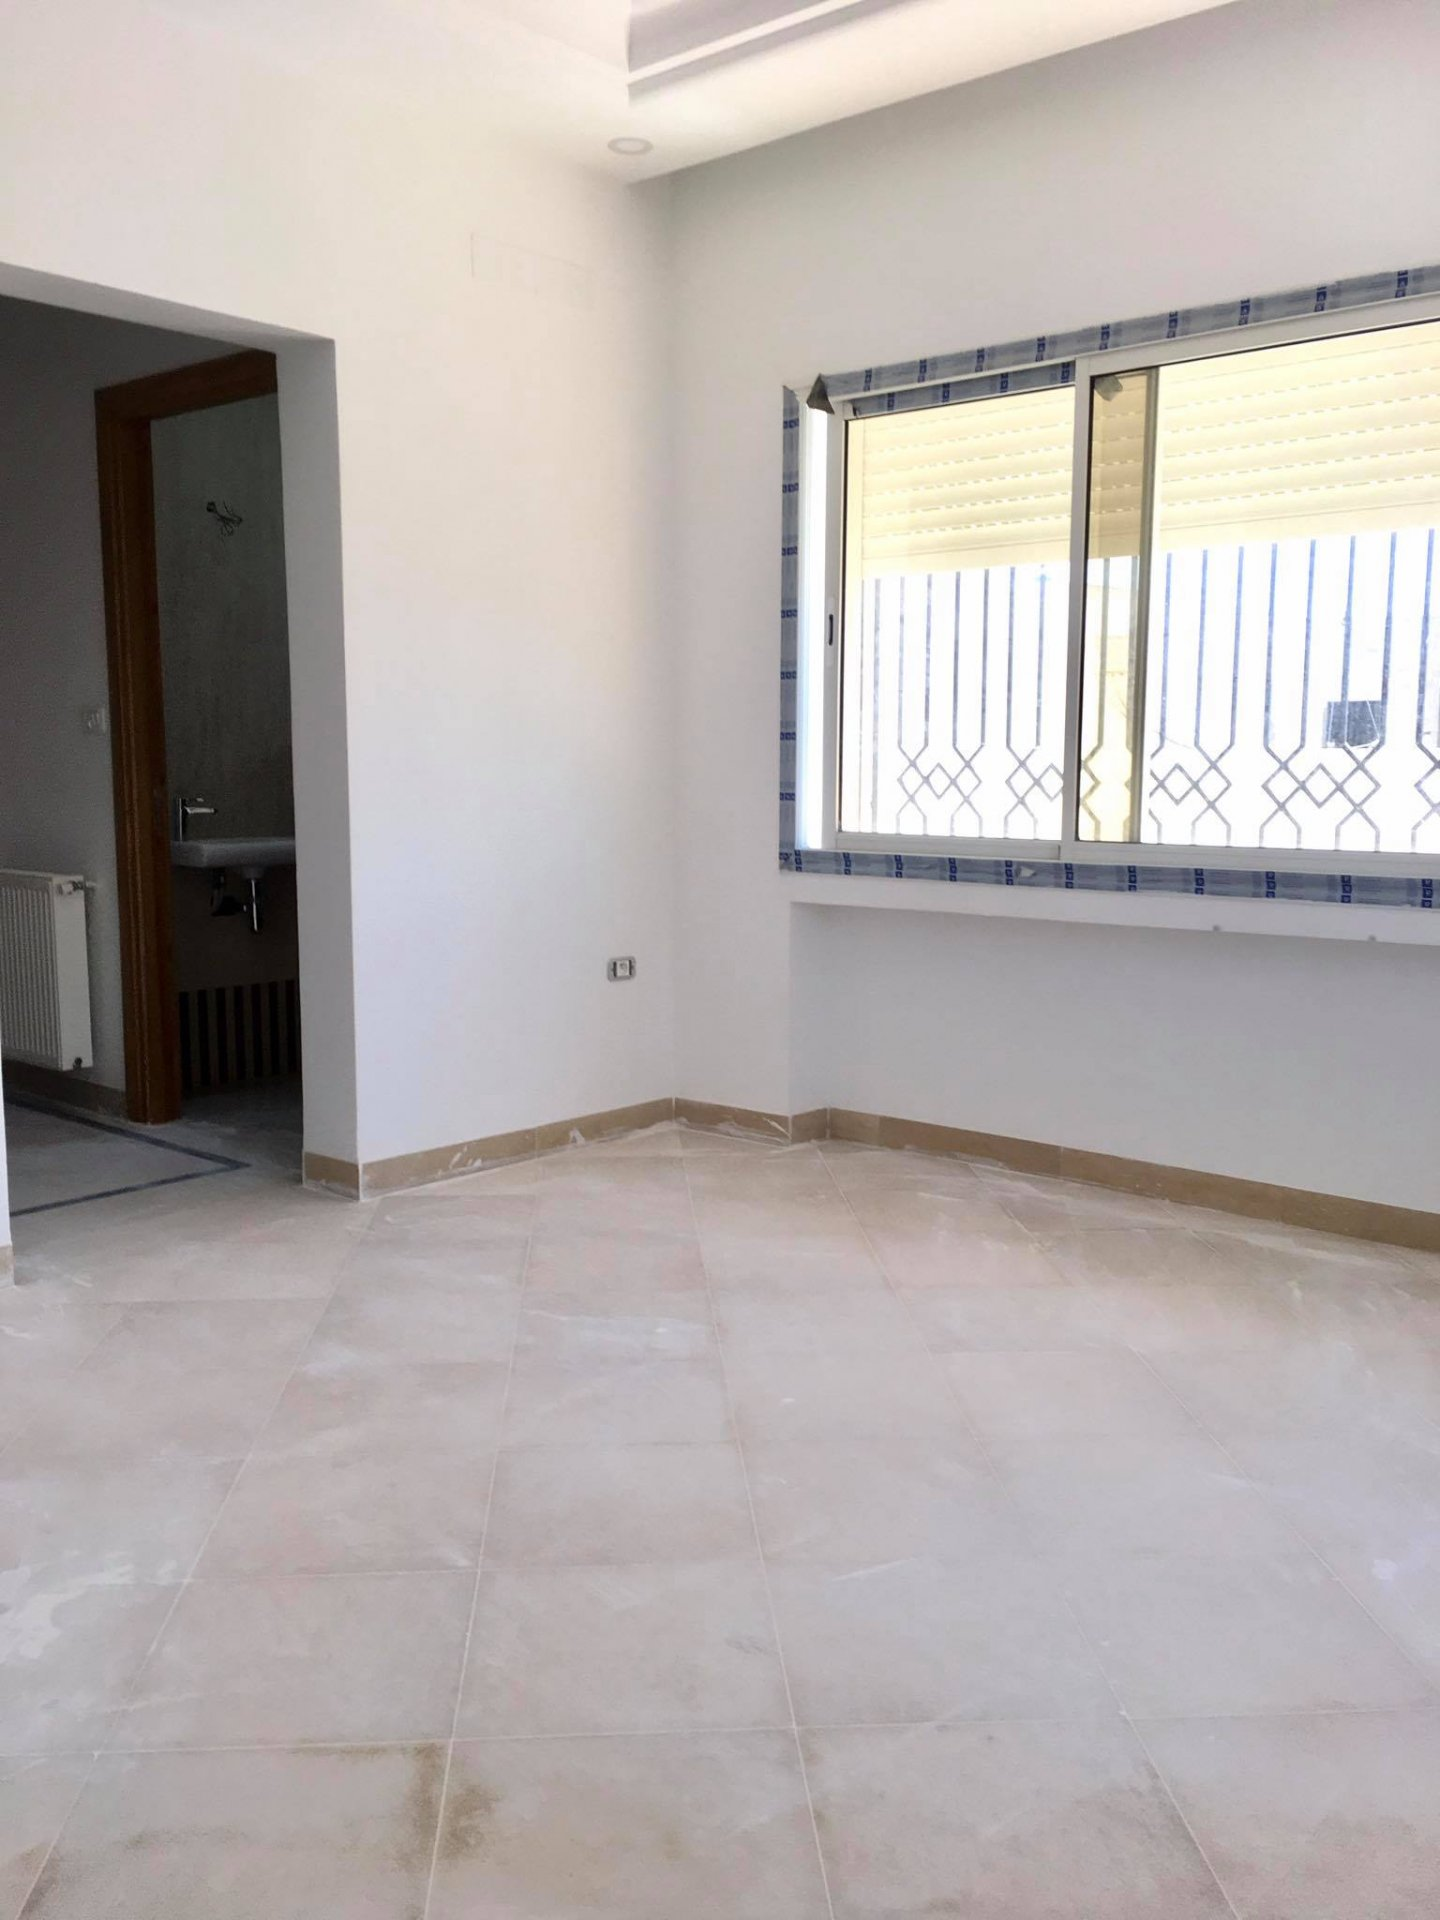 Location Etage de Villa S+3 à La Marsa